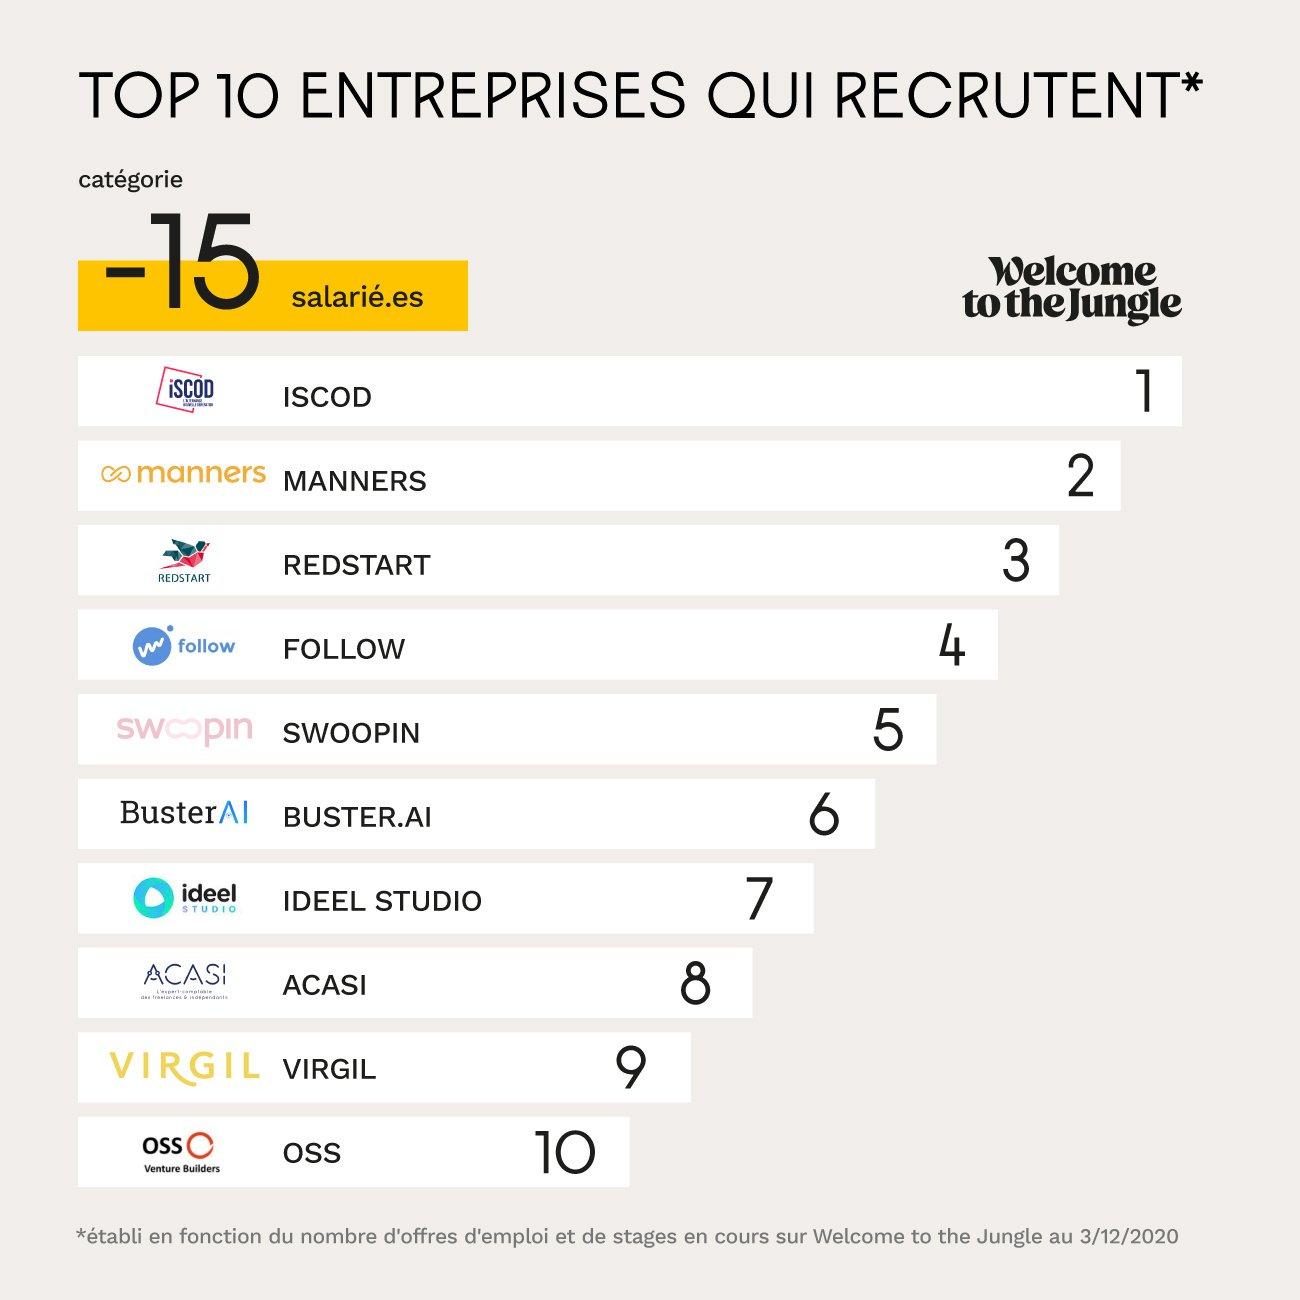 Entreprises de moins de 15 employés qui recrutent le plus